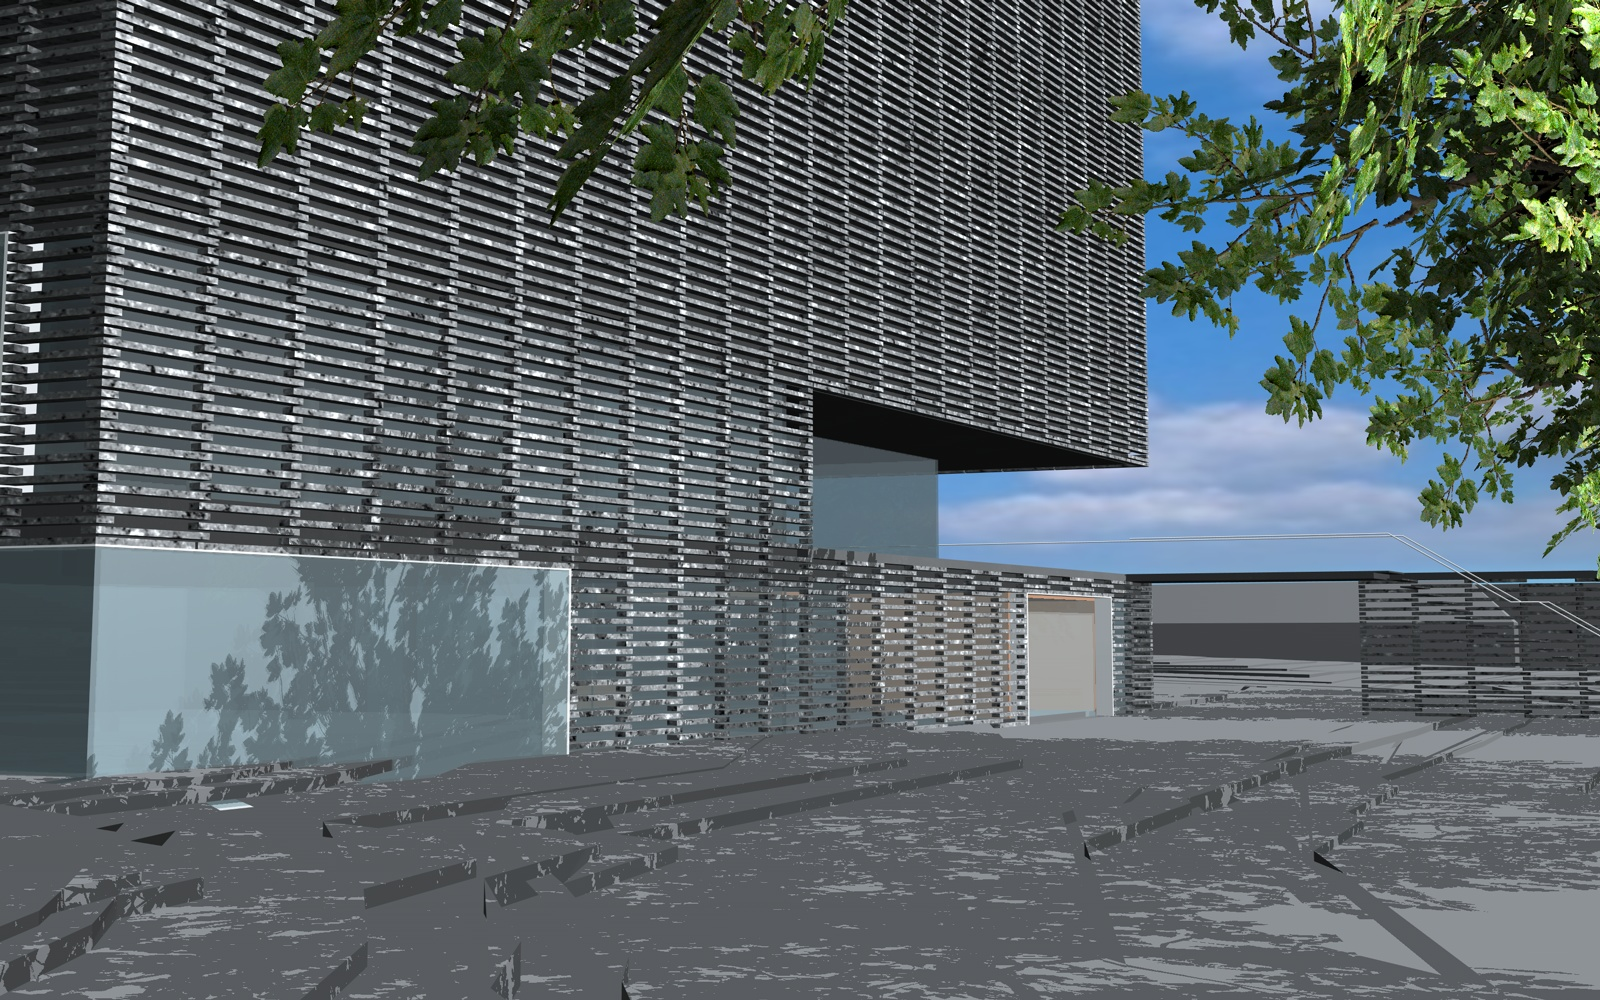 2003 wettbewerb bergwerksarchiv wurm wurm architekten und ingenieure. Black Bedroom Furniture Sets. Home Design Ideas